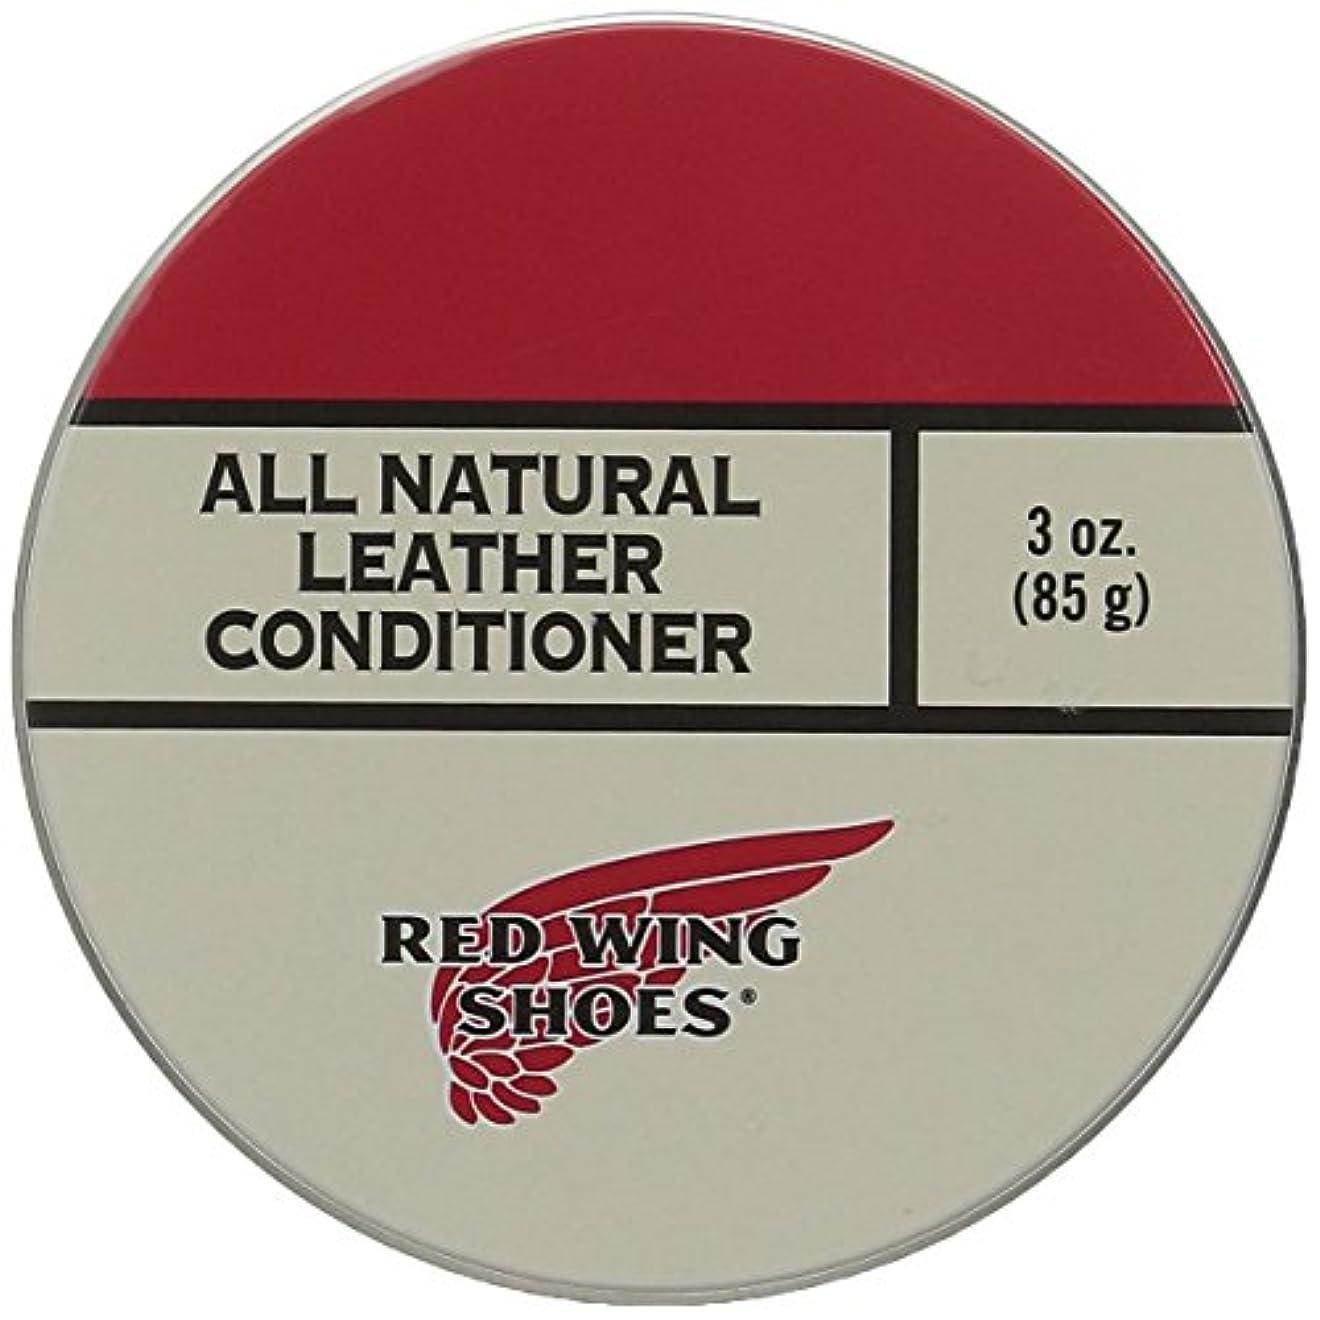 翻訳バラエティ殉教者[レッドウイング] REDWING BOOT CARE All Natural Leather Conidtionner オールナチュラル?レザーコンディショナー 97104